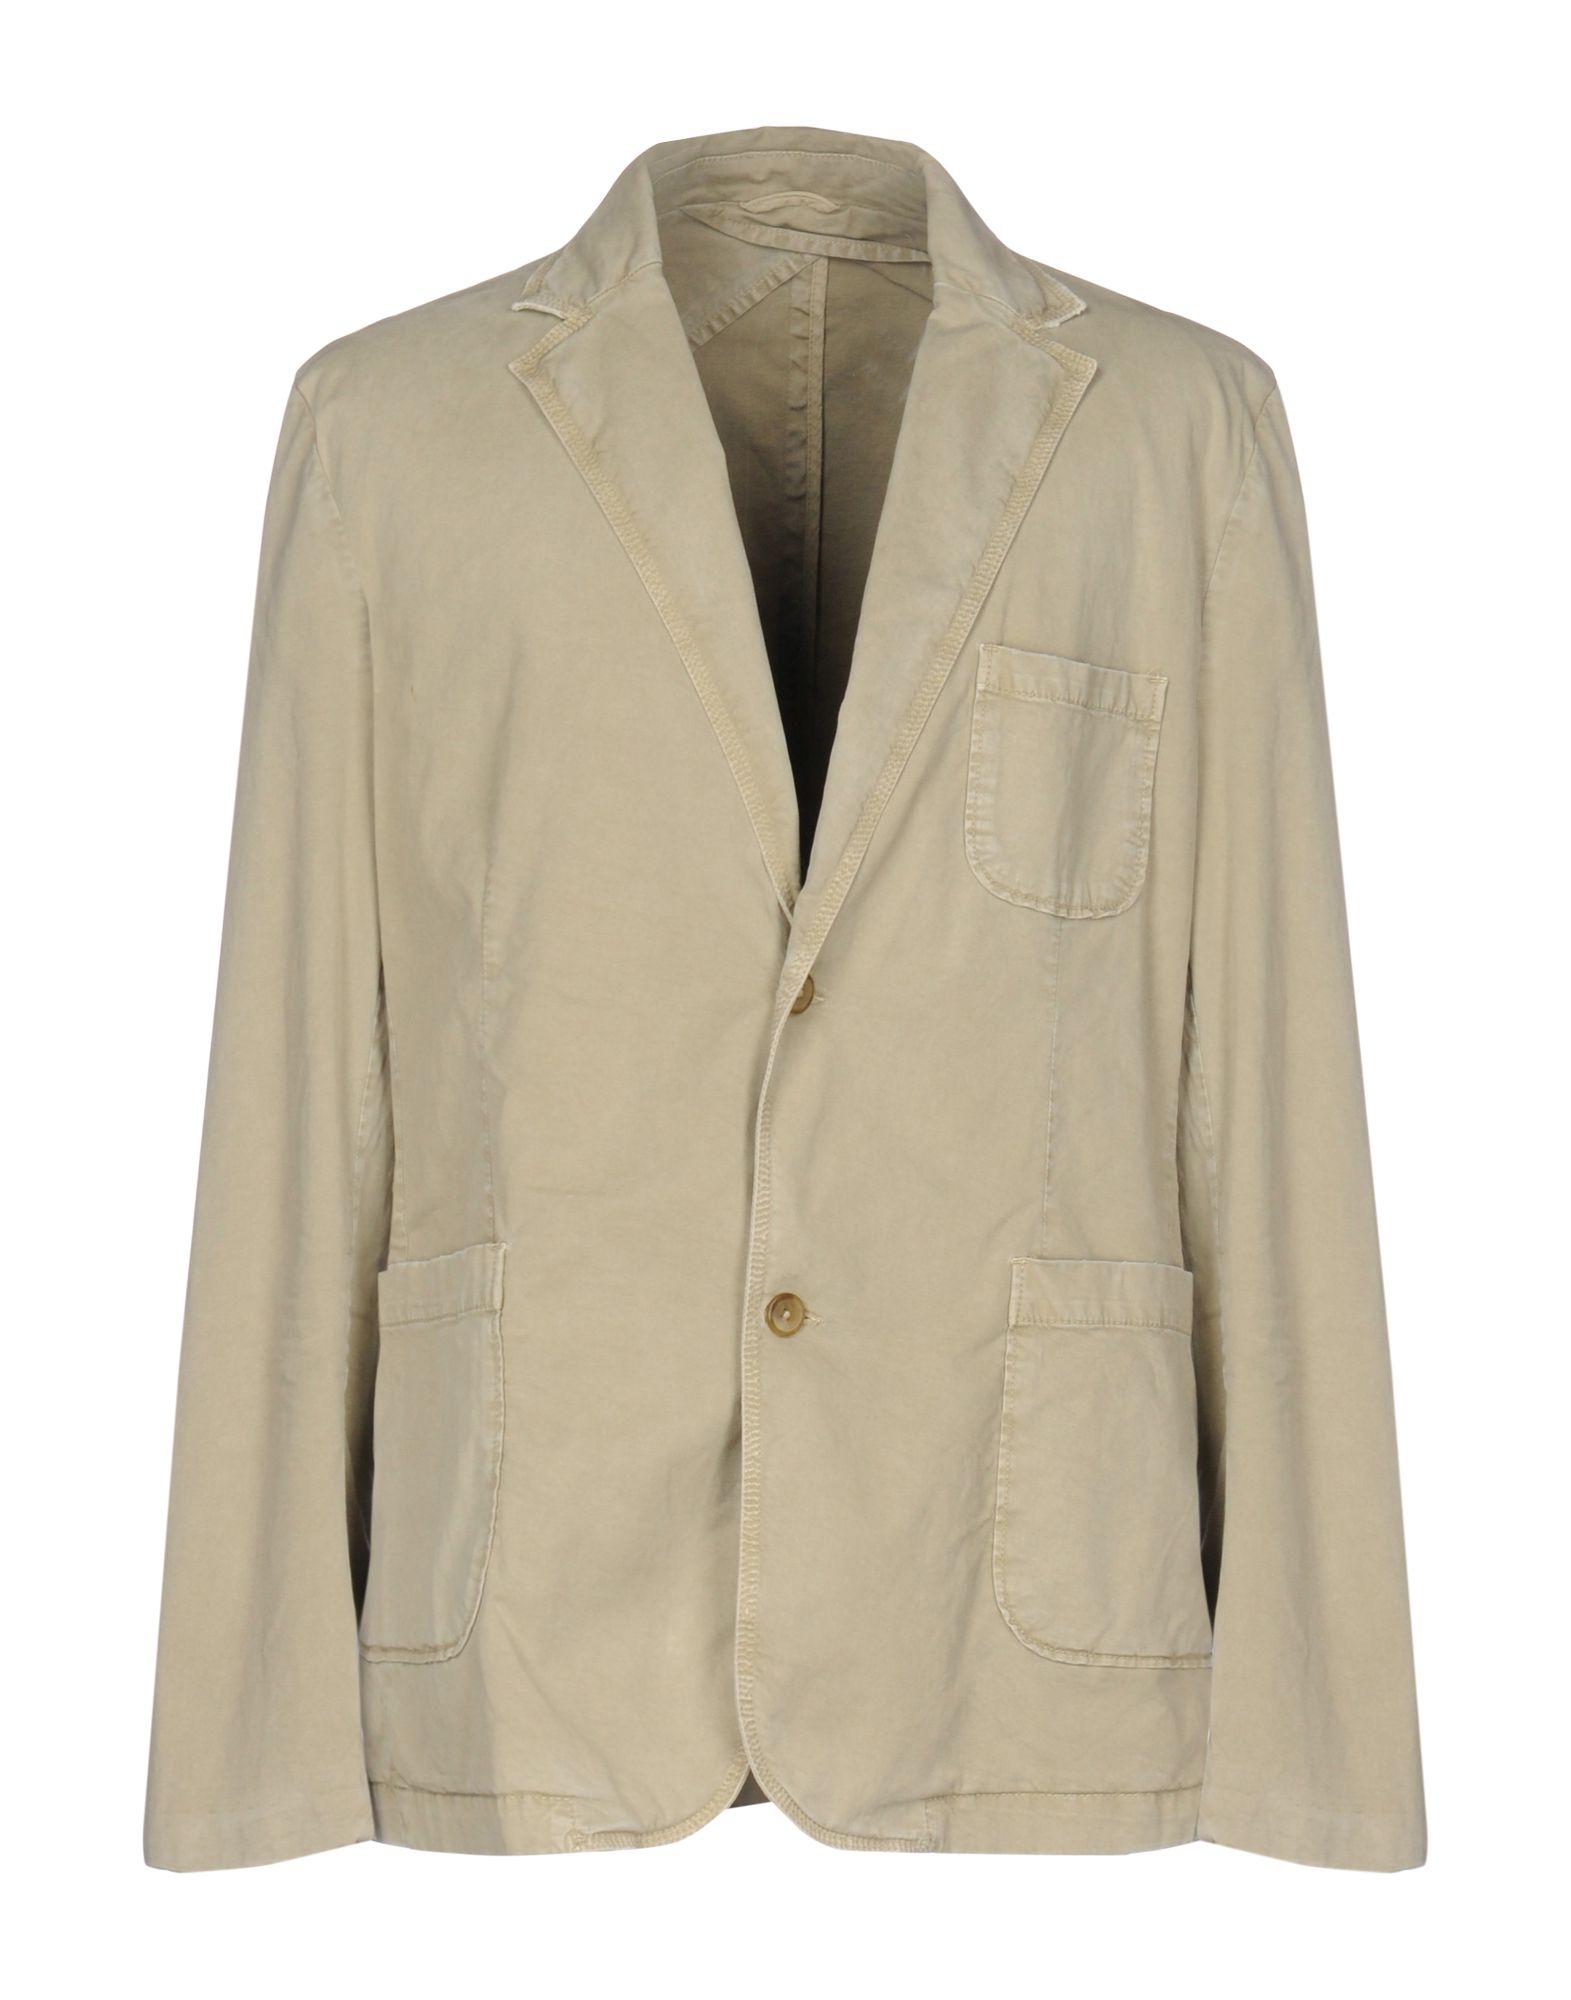 CLOSED Пиджак приманка для рыбалки 2 gt gt